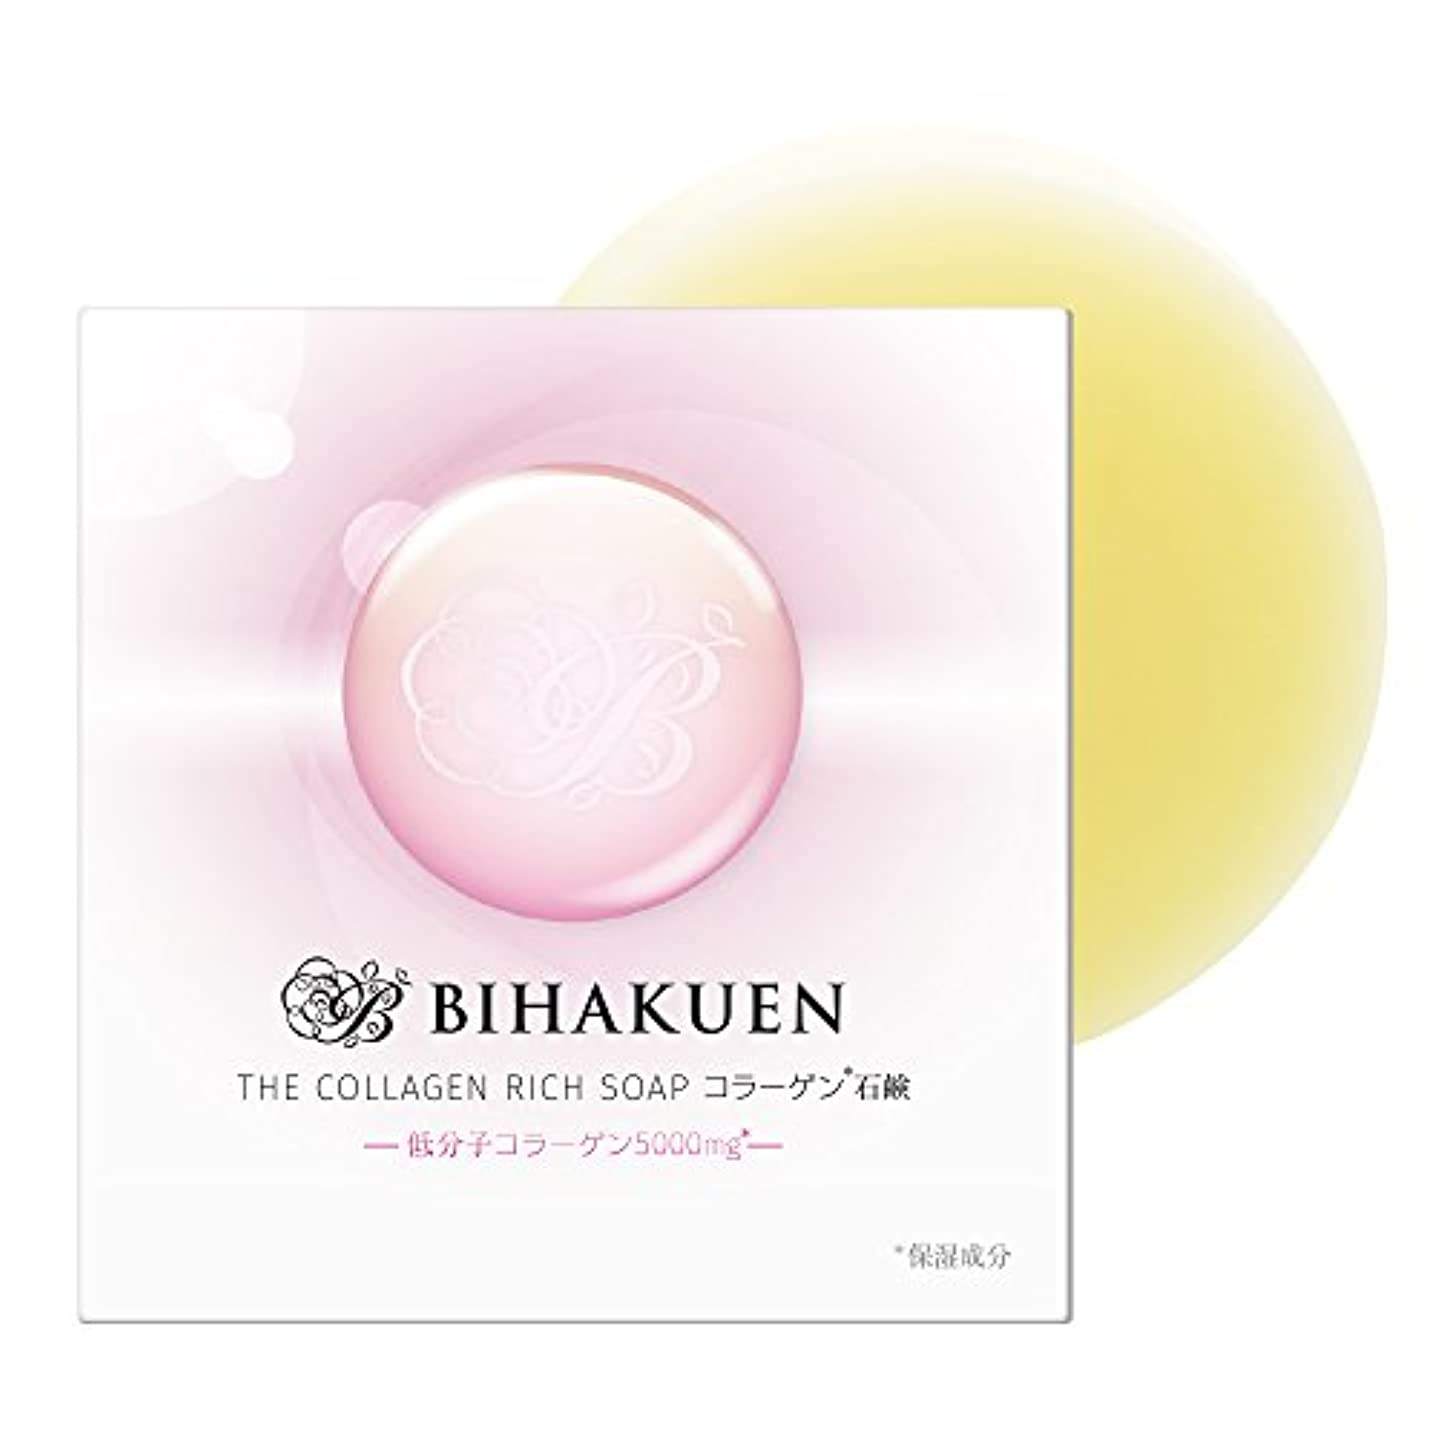 ちょっと待ってアスペクト多数の(BIHAKUEN)コラーゲン石鹸100g (1個)